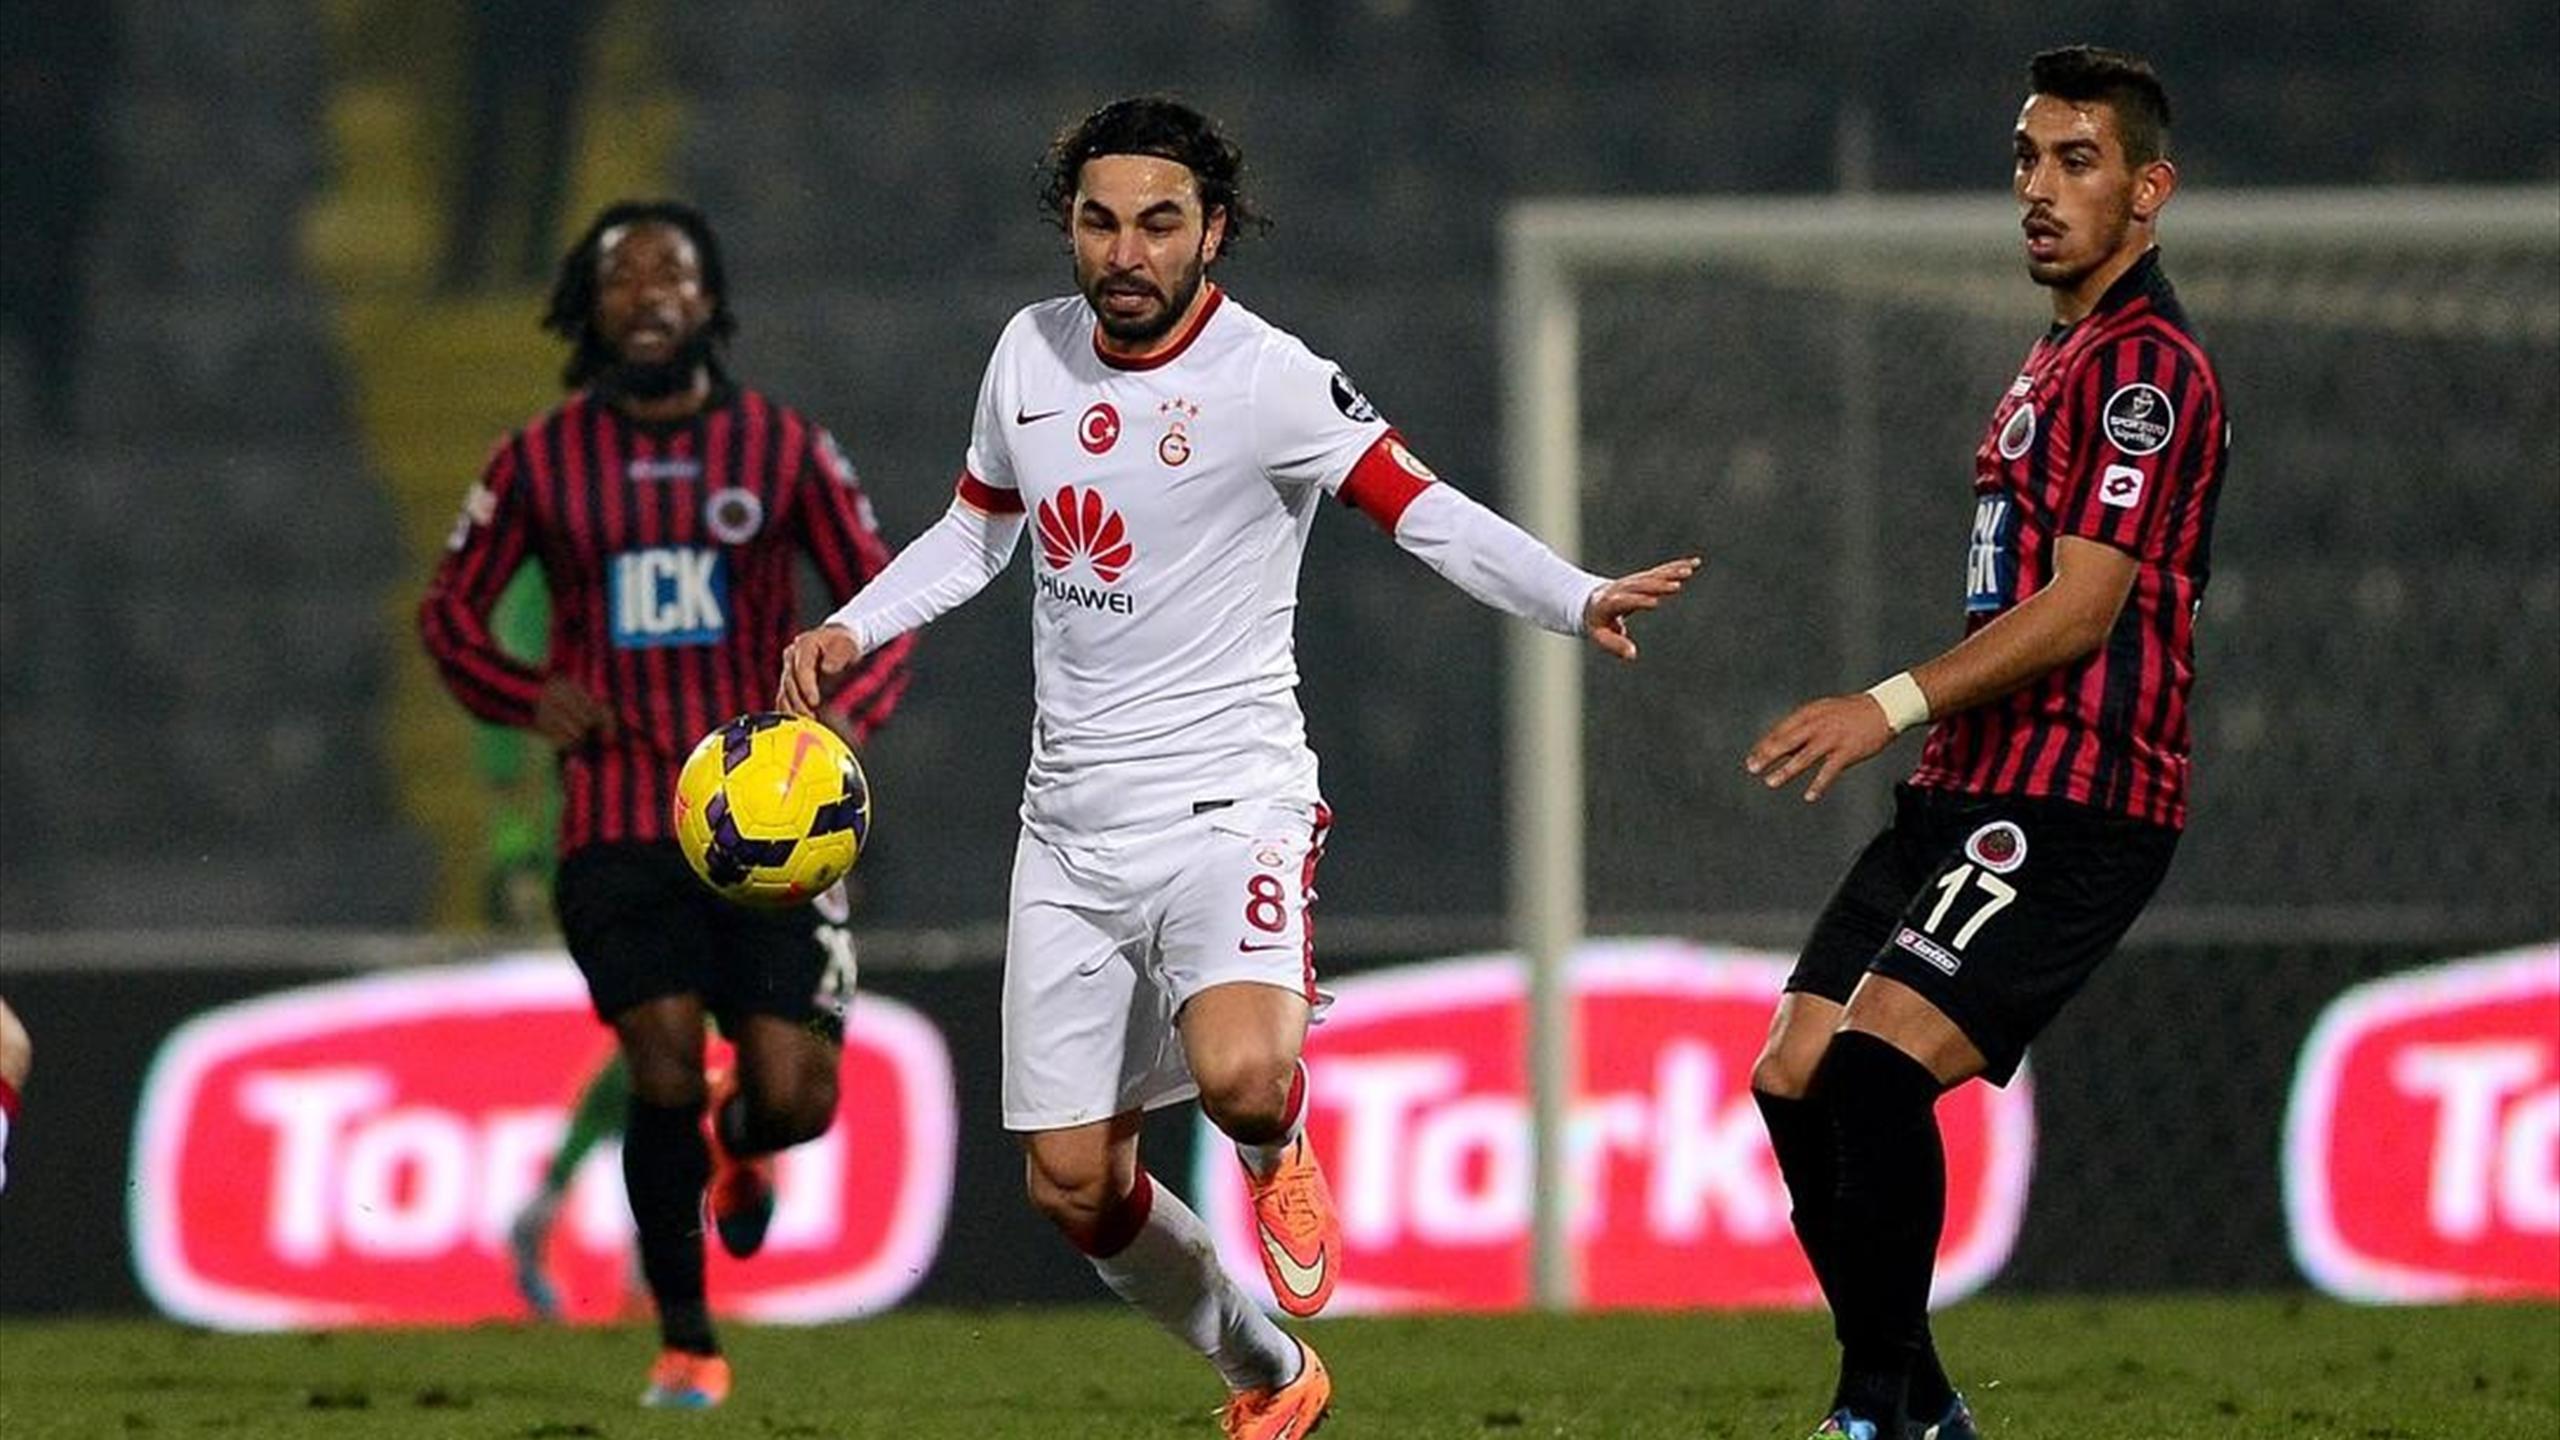 Galatasaray Gen U00e7lerbirli U011fi Ma U00e7 U0131n U0131 Canl U0131 Izle Canl U0131 Takip